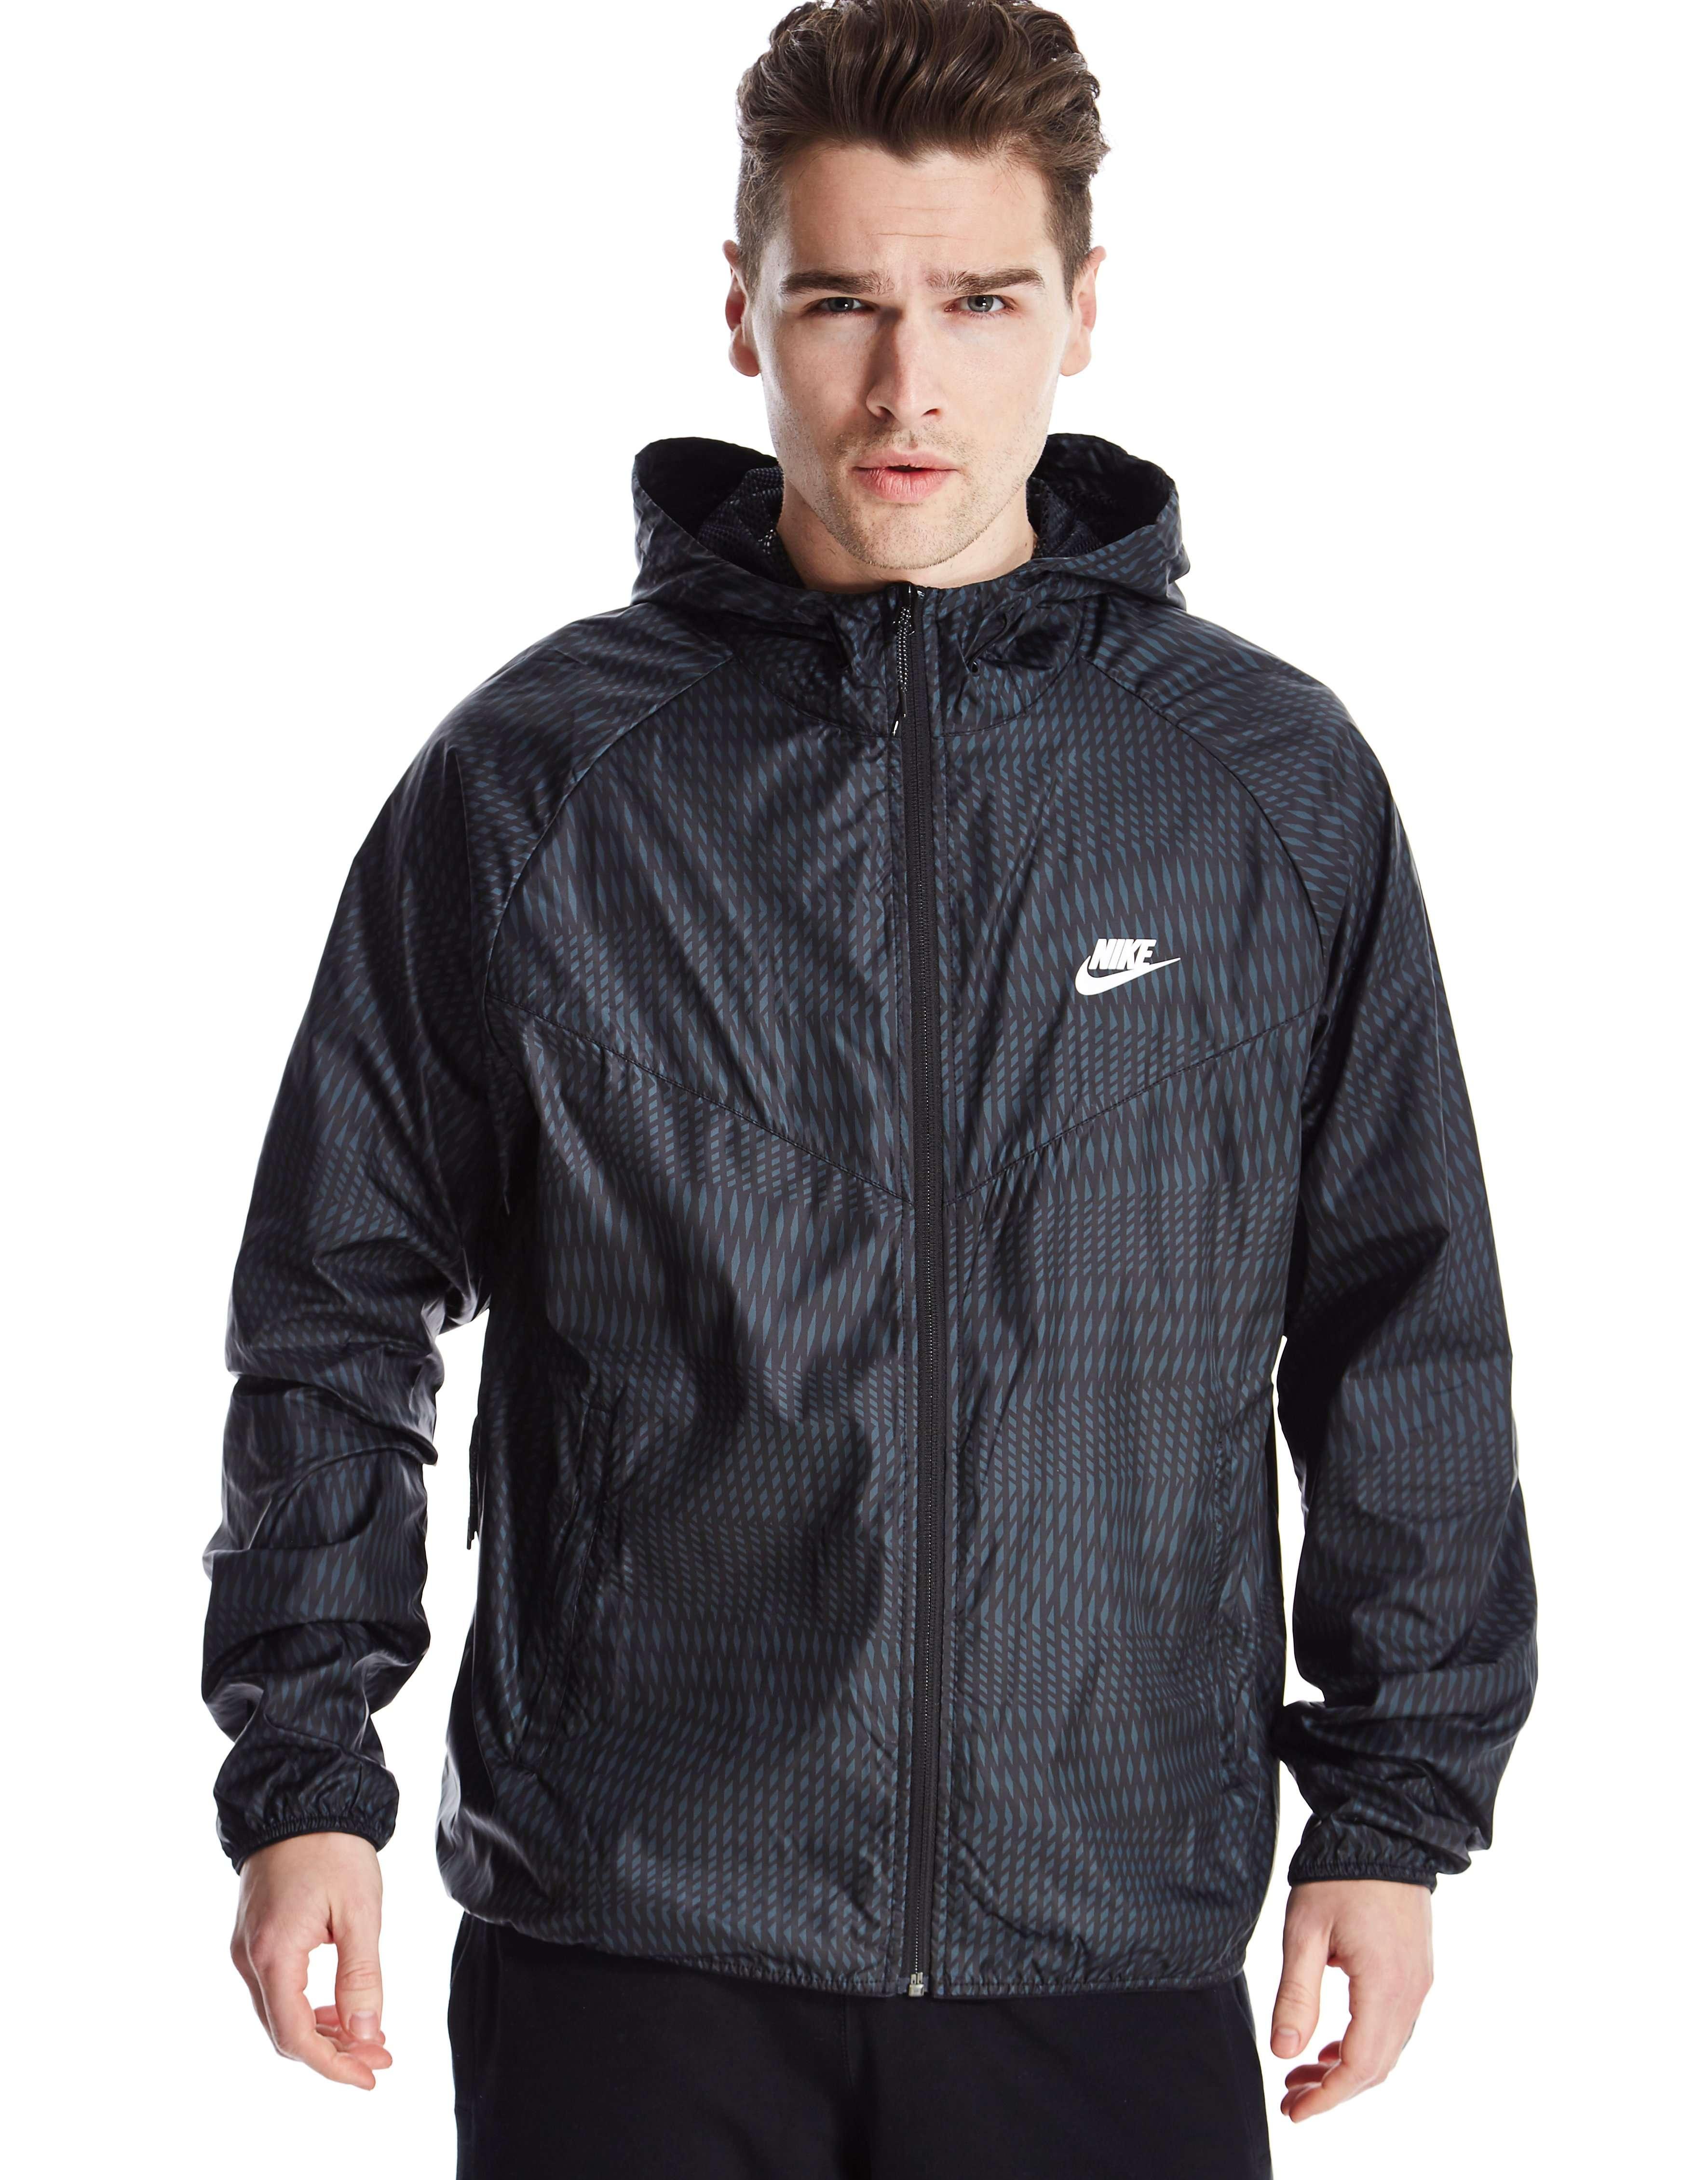 Nike Fly Windrunner Jacket